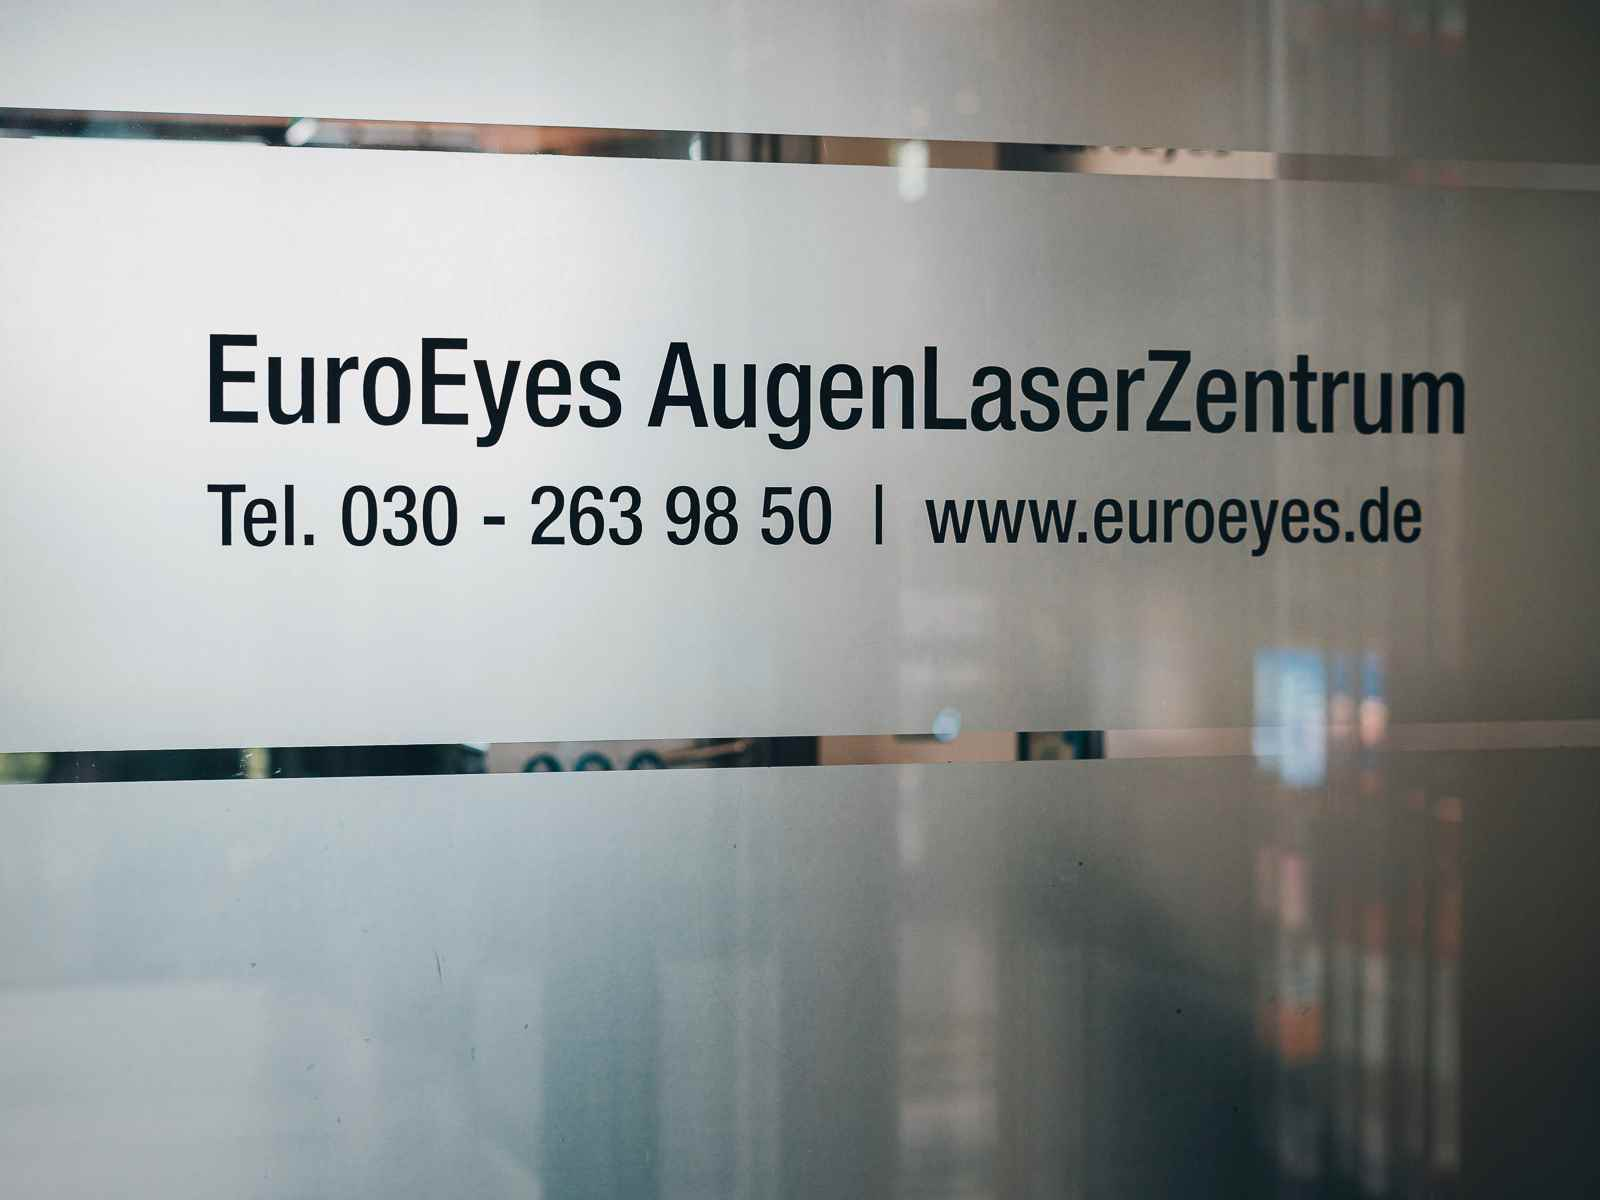 Euroeyes im Sony Center am Potsdamer Platz